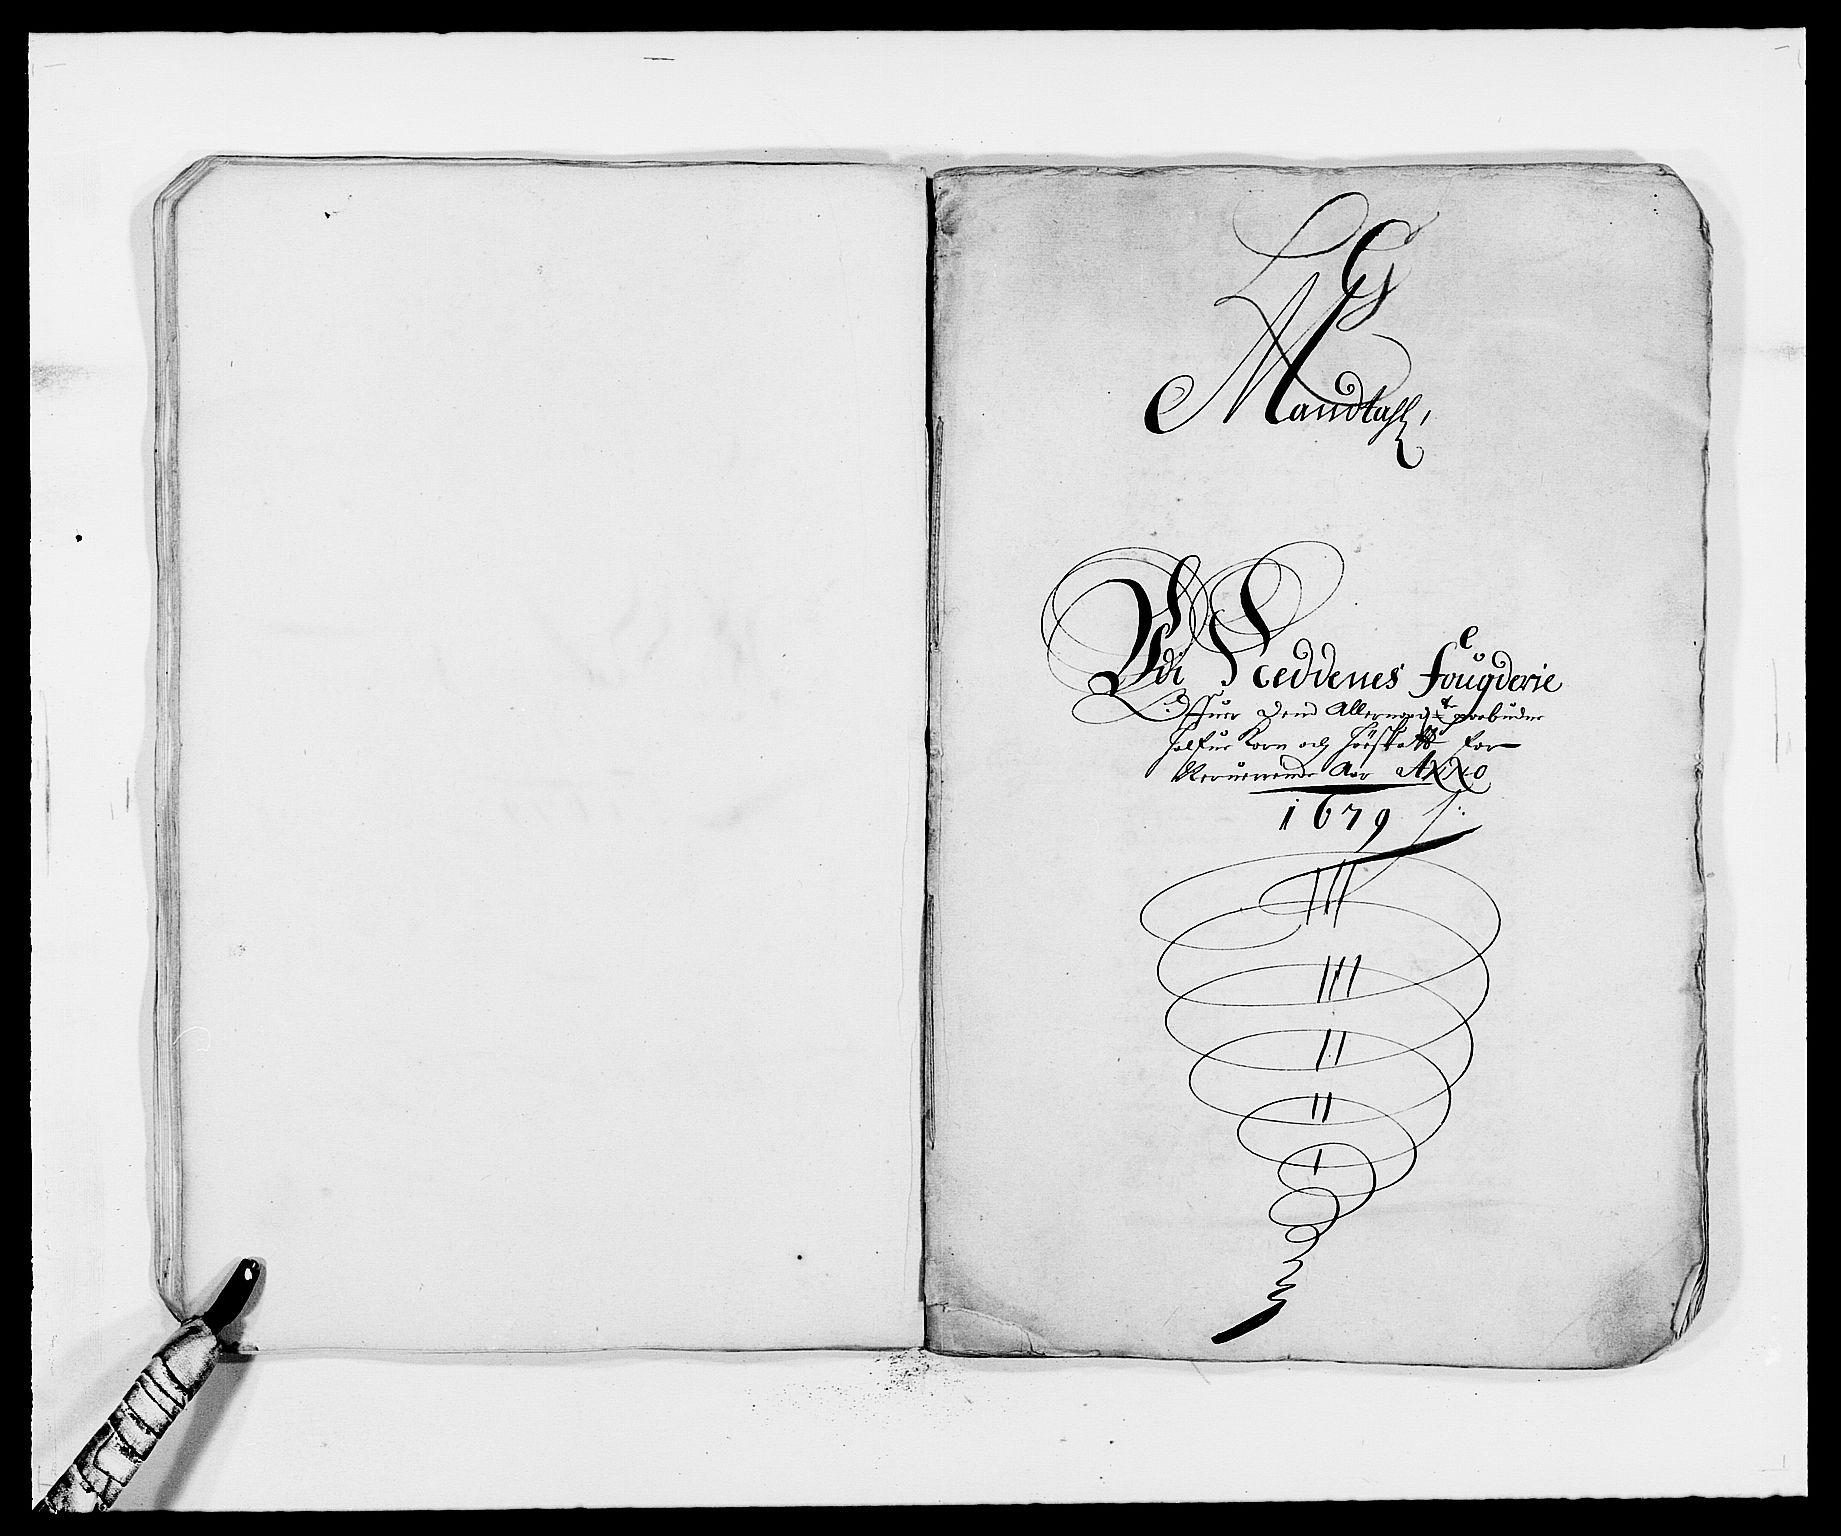 RA, Rentekammeret inntil 1814, Reviderte regnskaper, Fogderegnskap, R39/L2303: Fogderegnskap Nedenes, 1679, s. 117